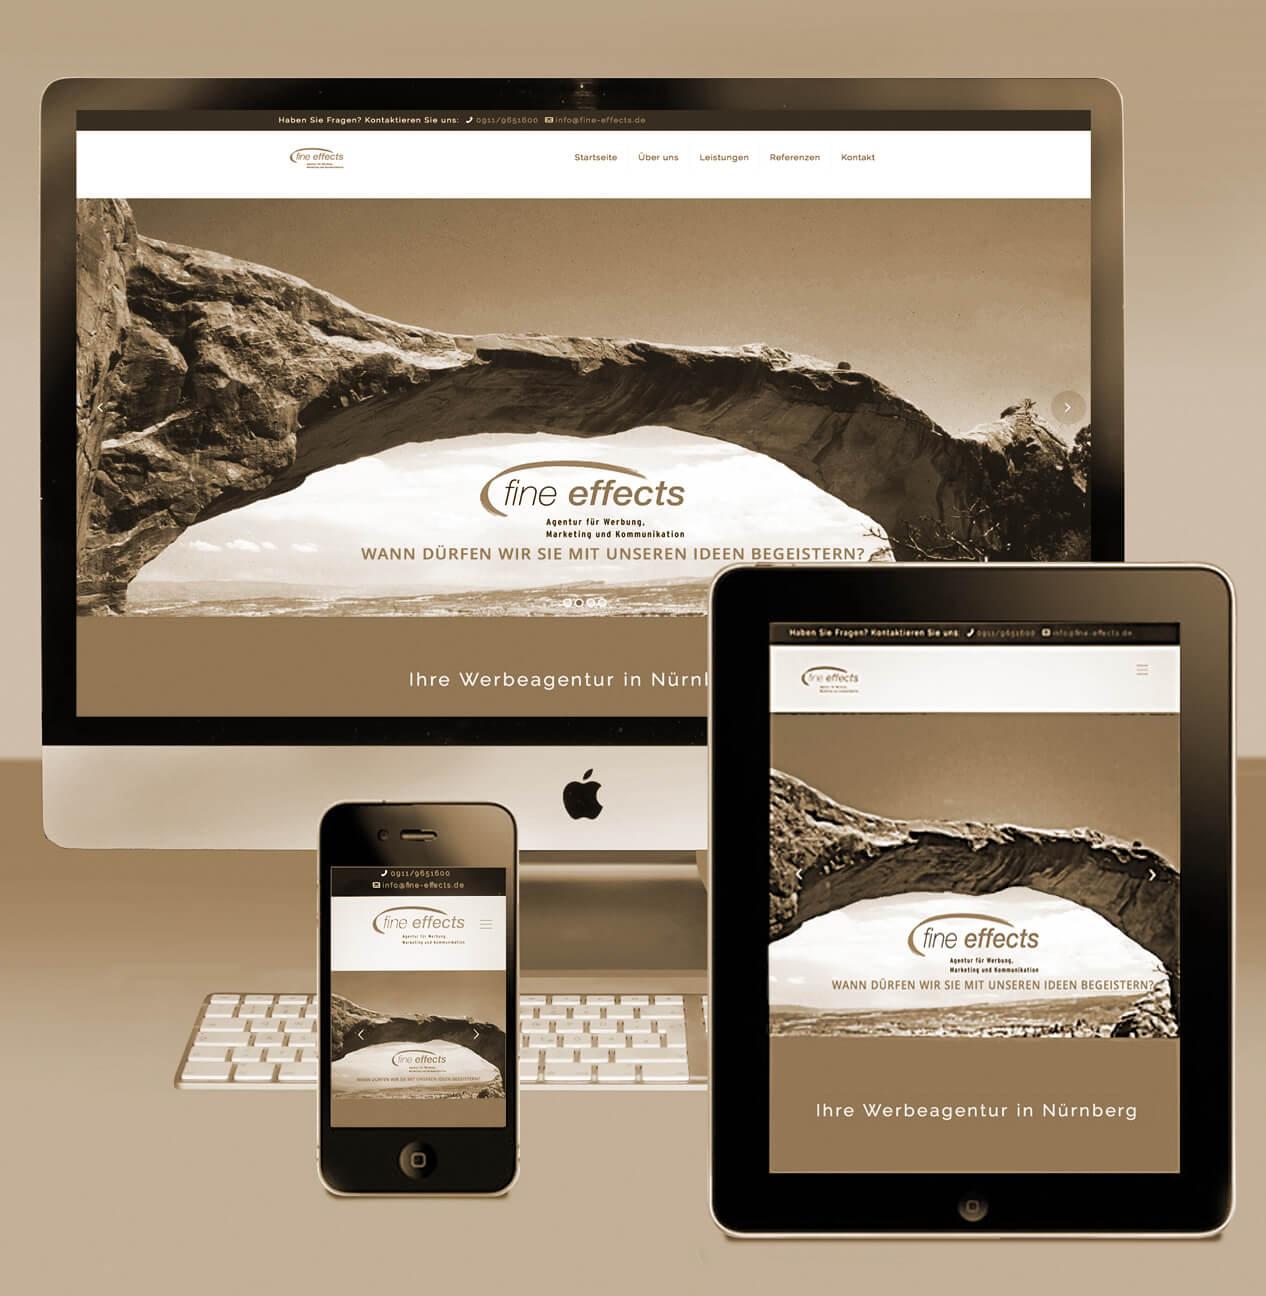 Internet/Webdesign - Responsives Webdesign veranschaulicht am Beispiel fine effects bei Smartphone, Tablet, Rechner